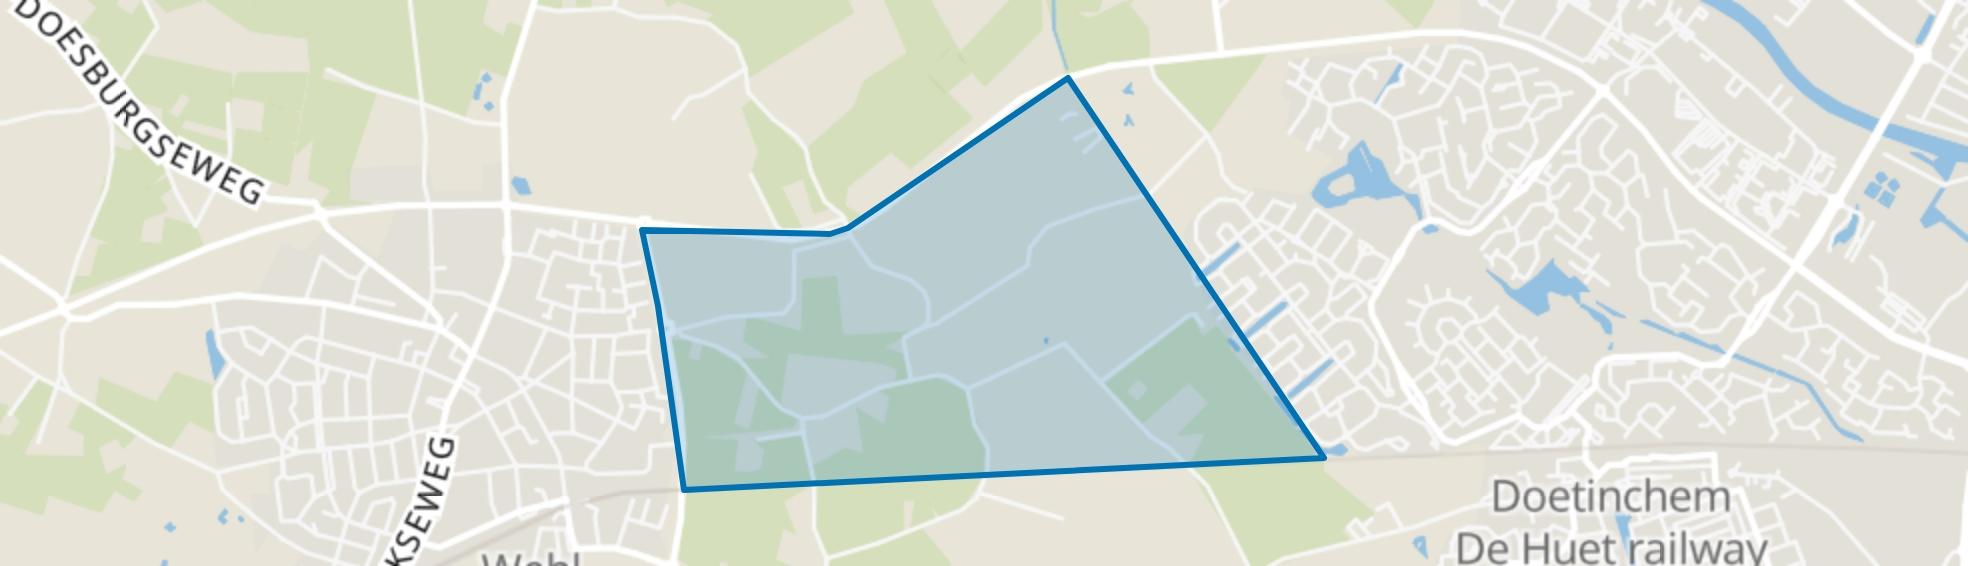 Wehl-Oost, Wehl map